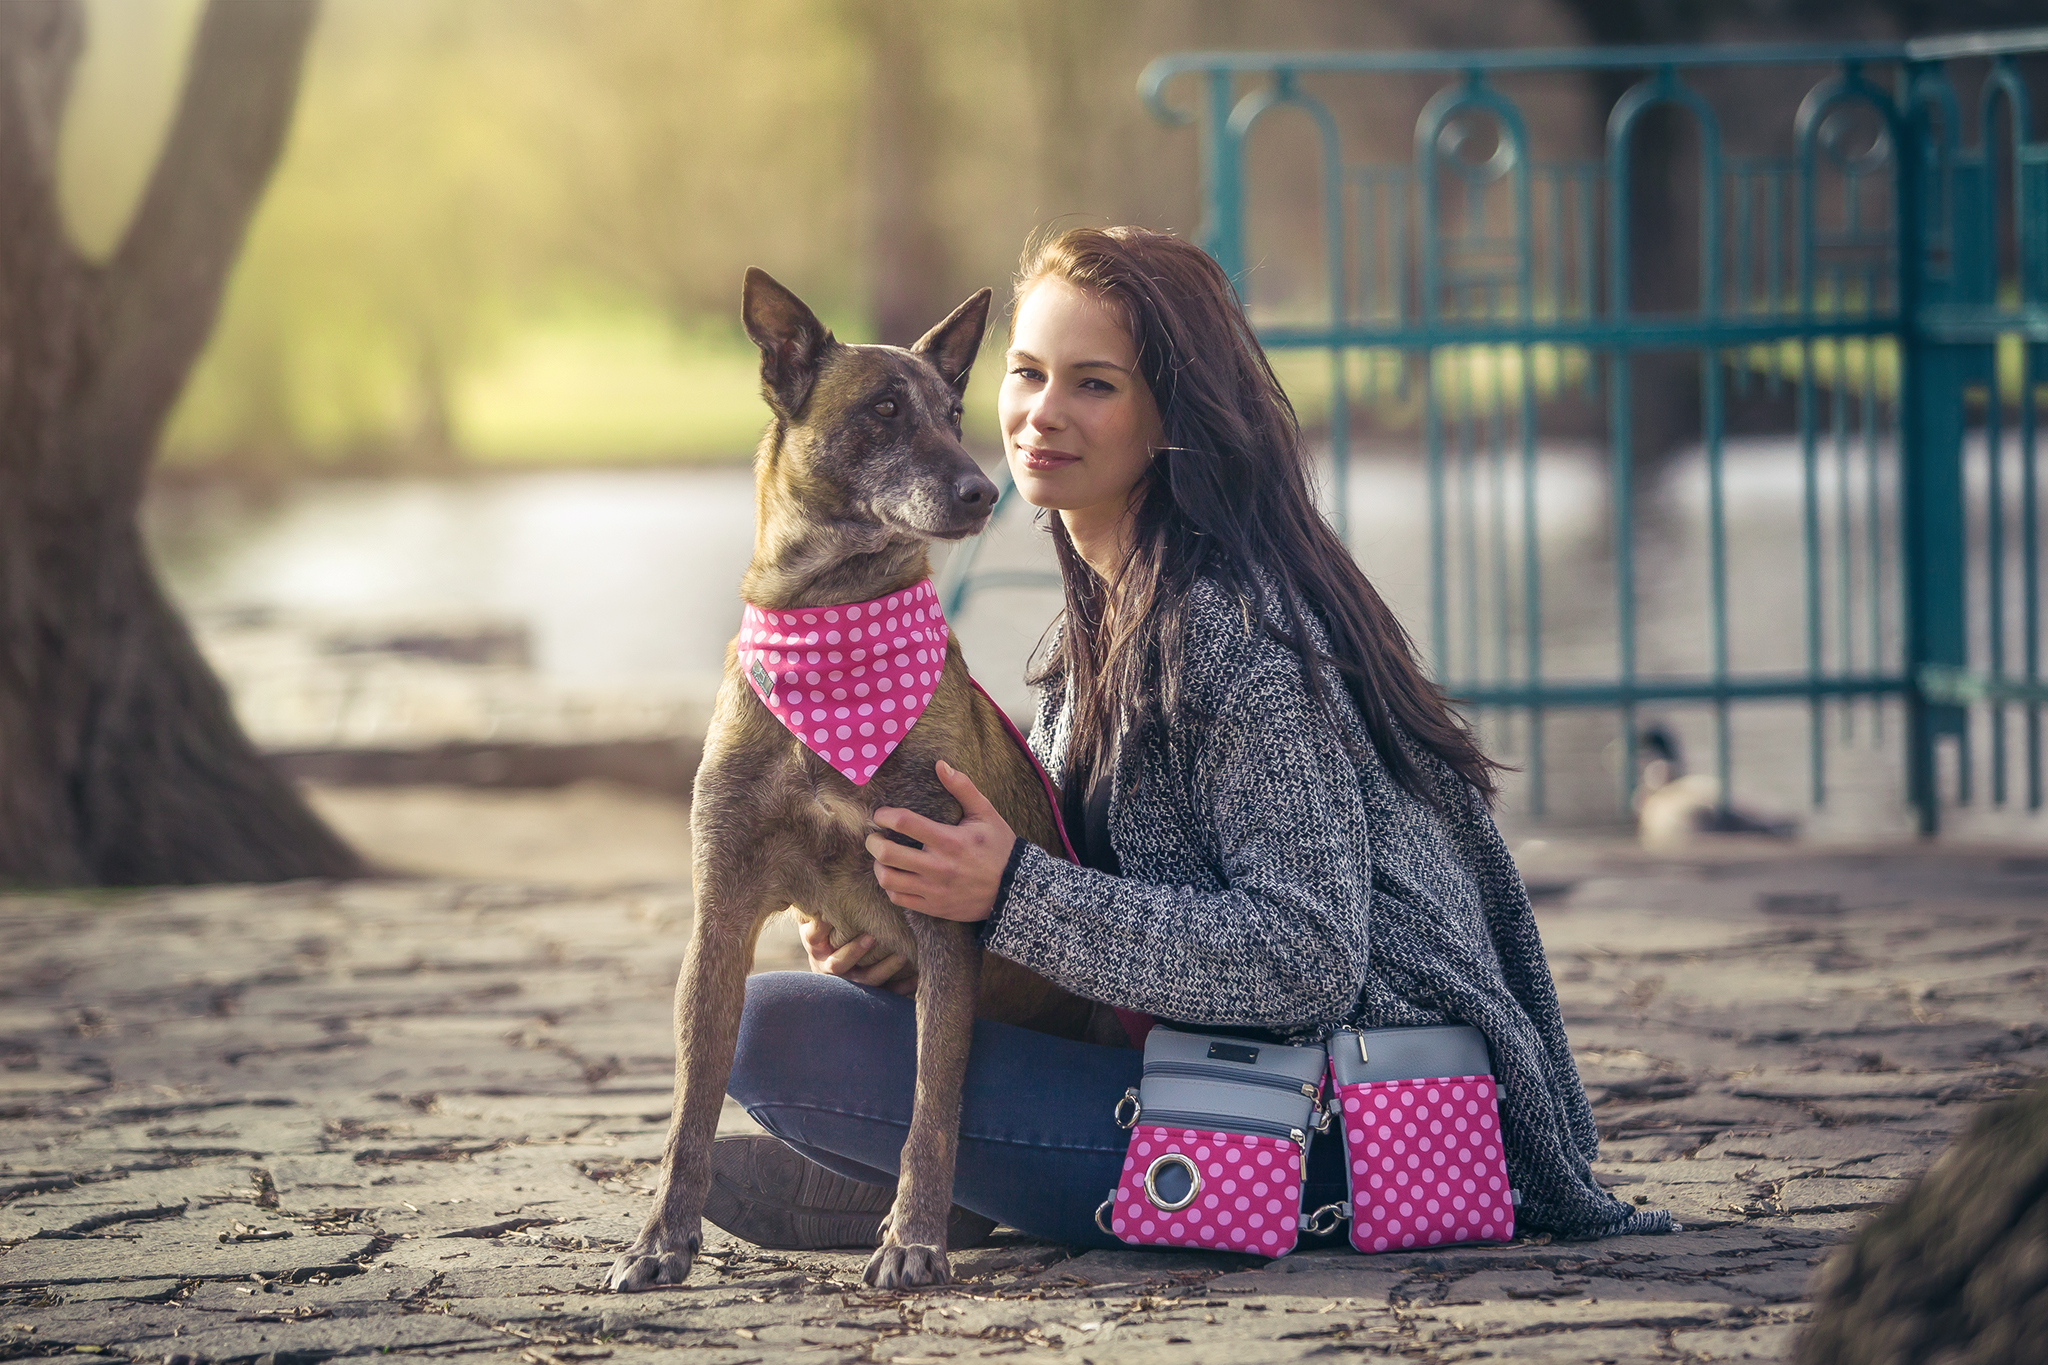 Hillien_kabelka-venceni_psa_vybava_stene_satek_obojek_vycvik_psi_demeven_rozovy_voditko_chovatelske_kynologicke_potreby_pamlskovnik_dog_walk_bag_collar_pink